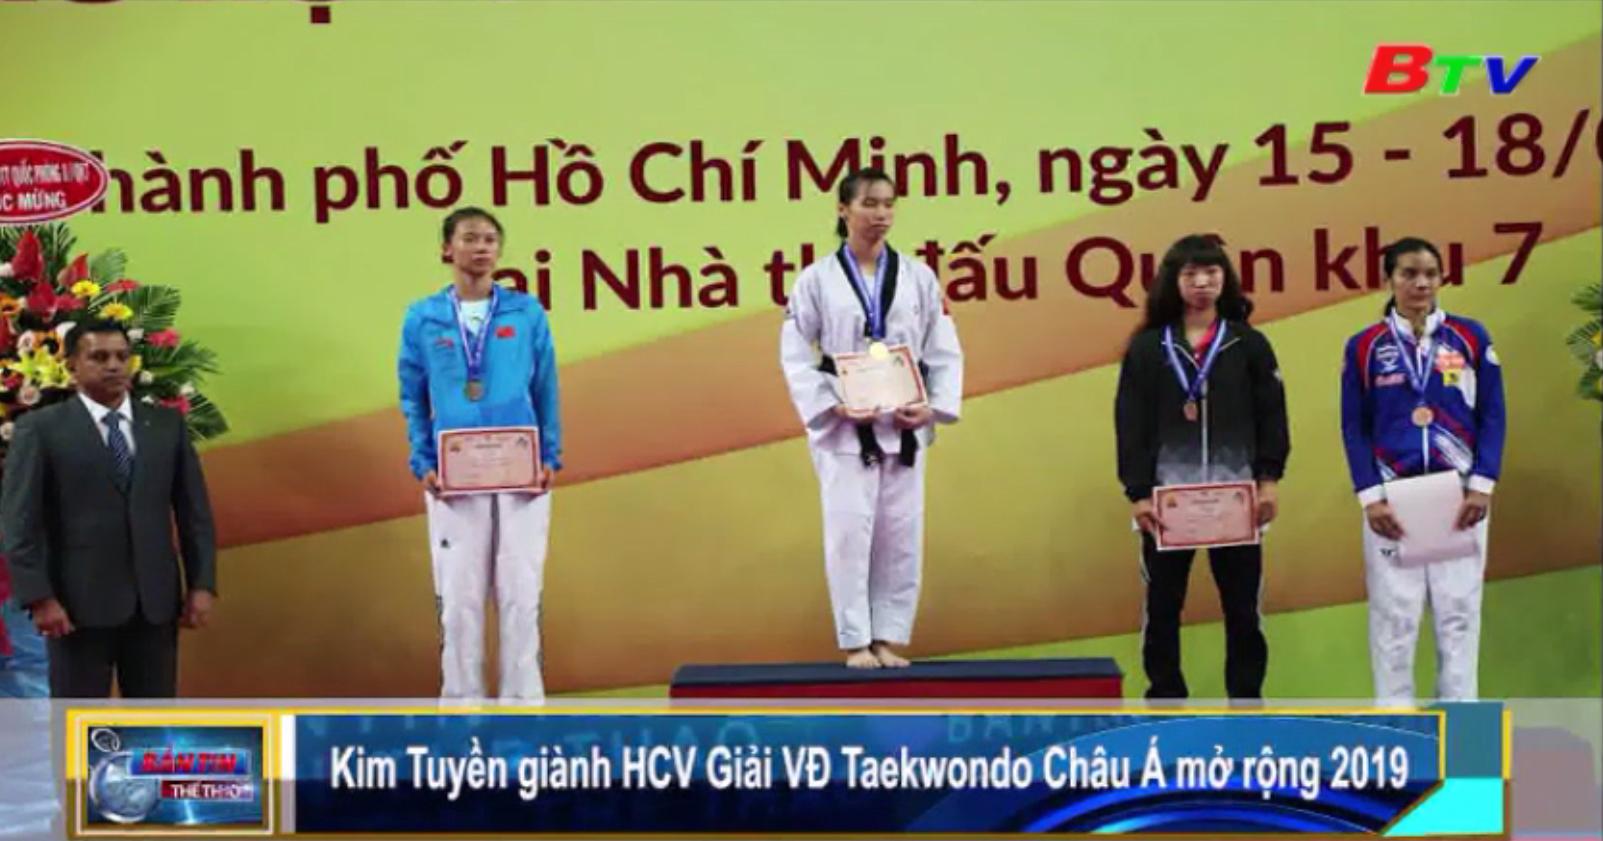 Kim Tuyền giành HCV Giải vô địch Taekwondo châu Á mở rộng 2019